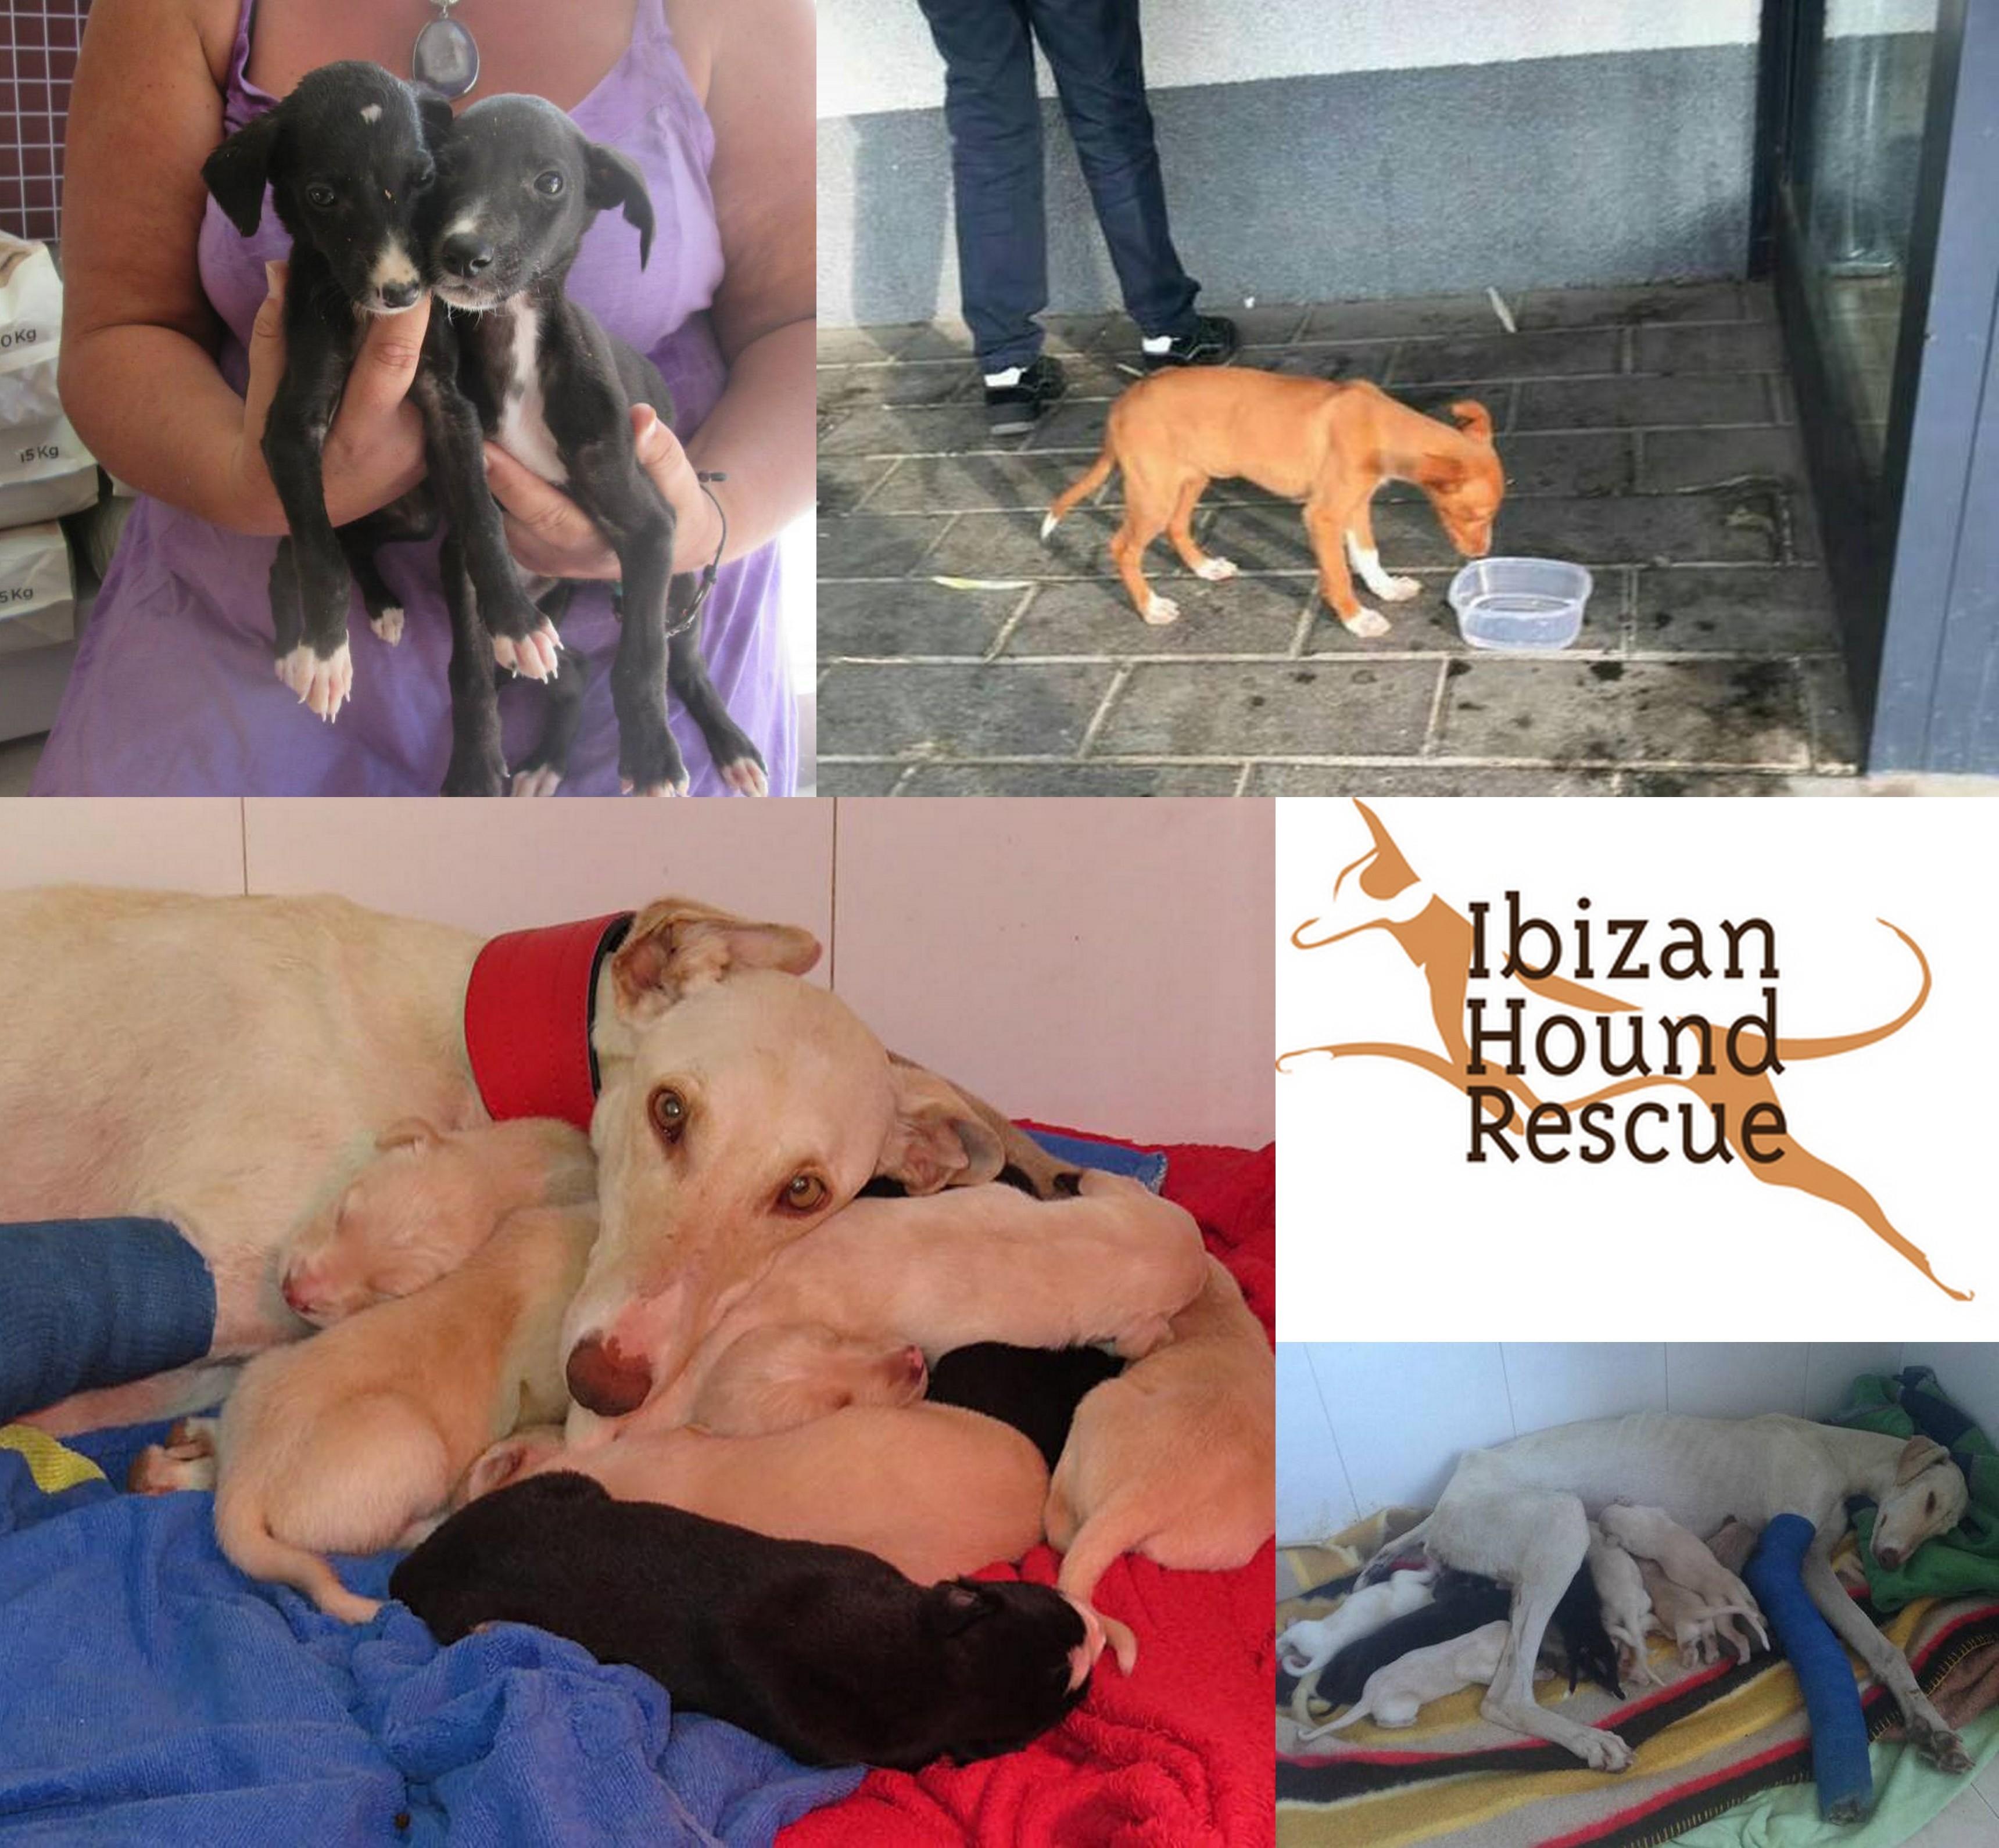 Ibizan Hound Rescue